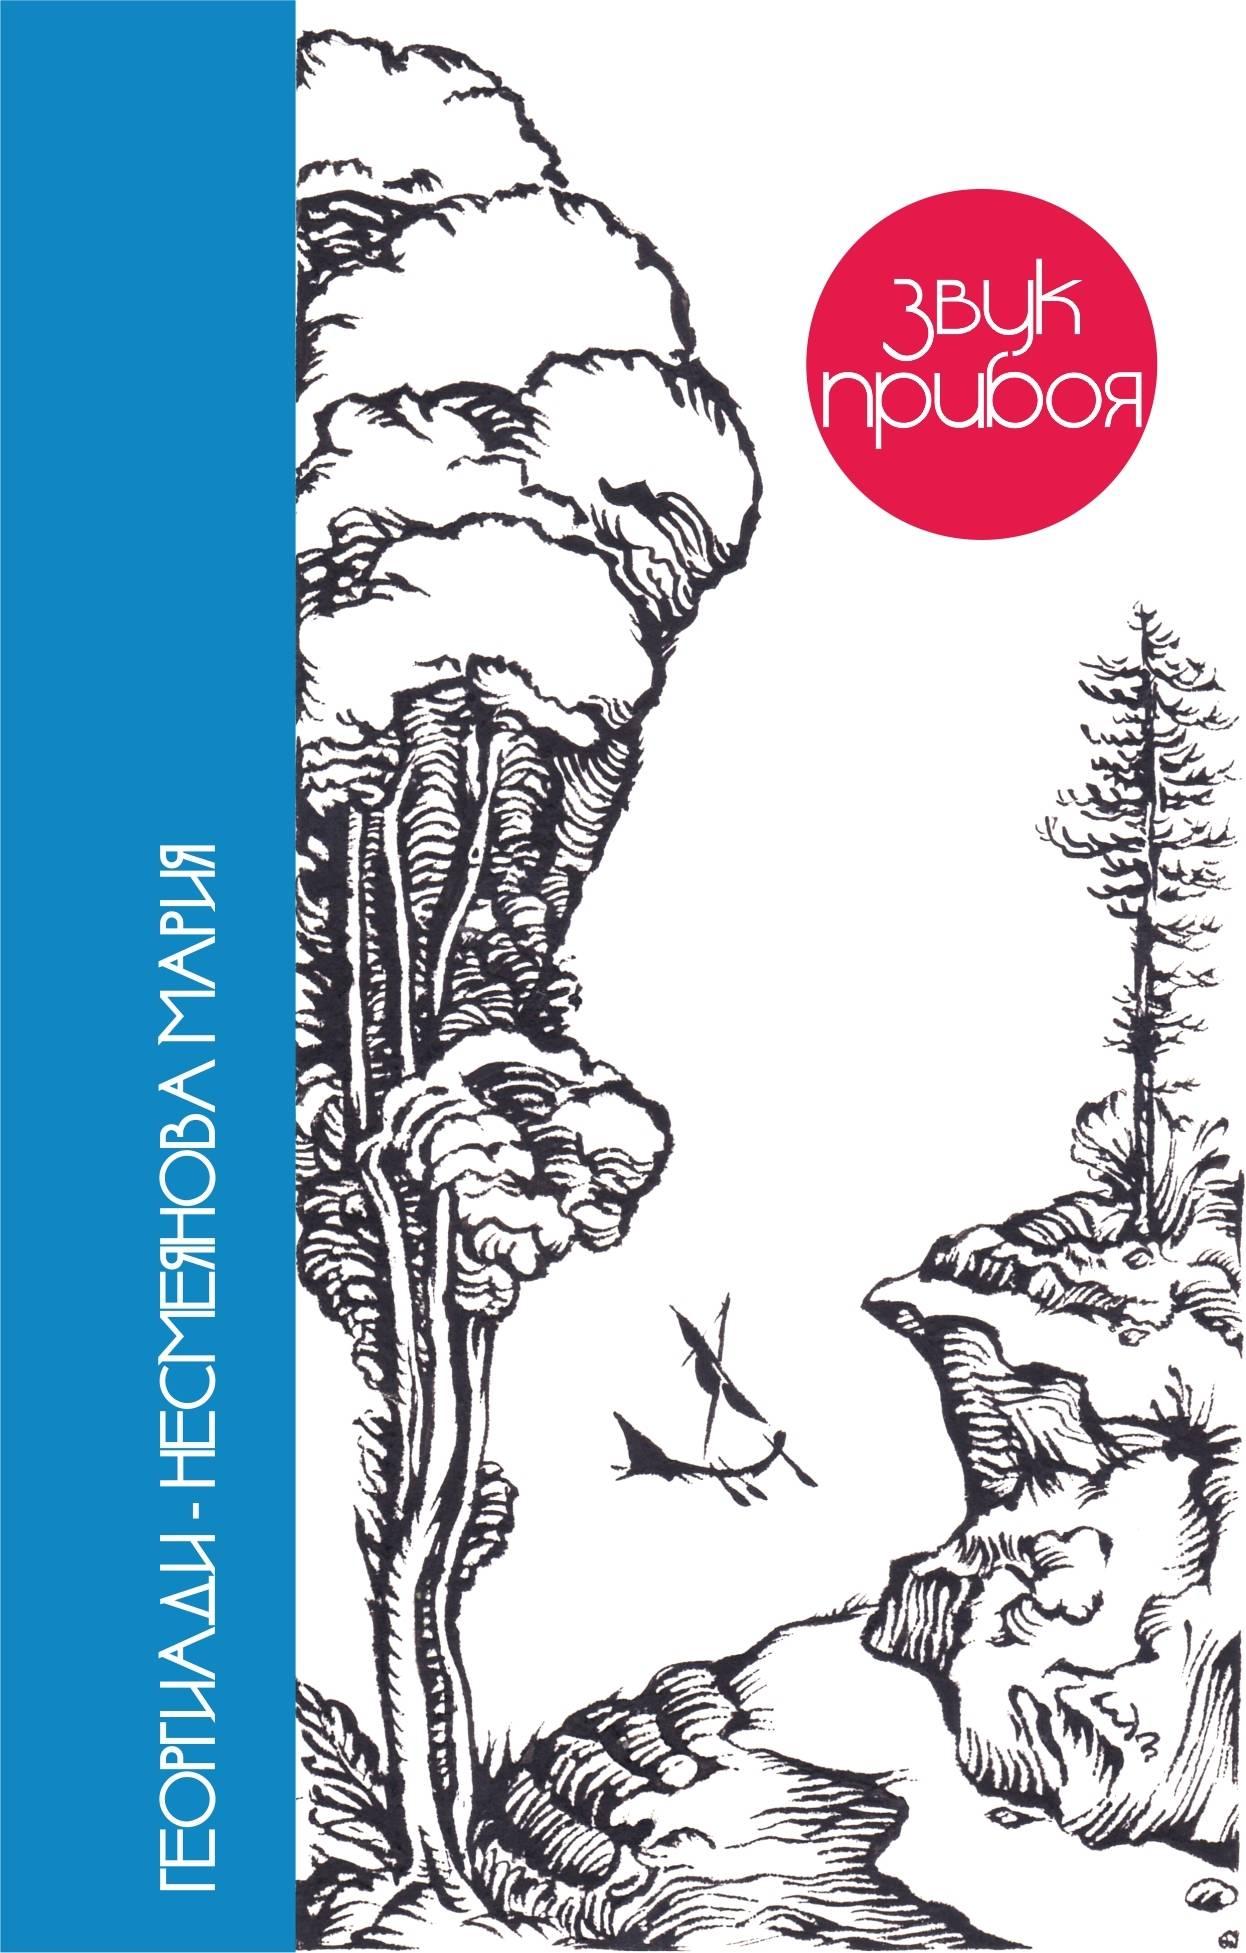 Обложка для сборника стихов